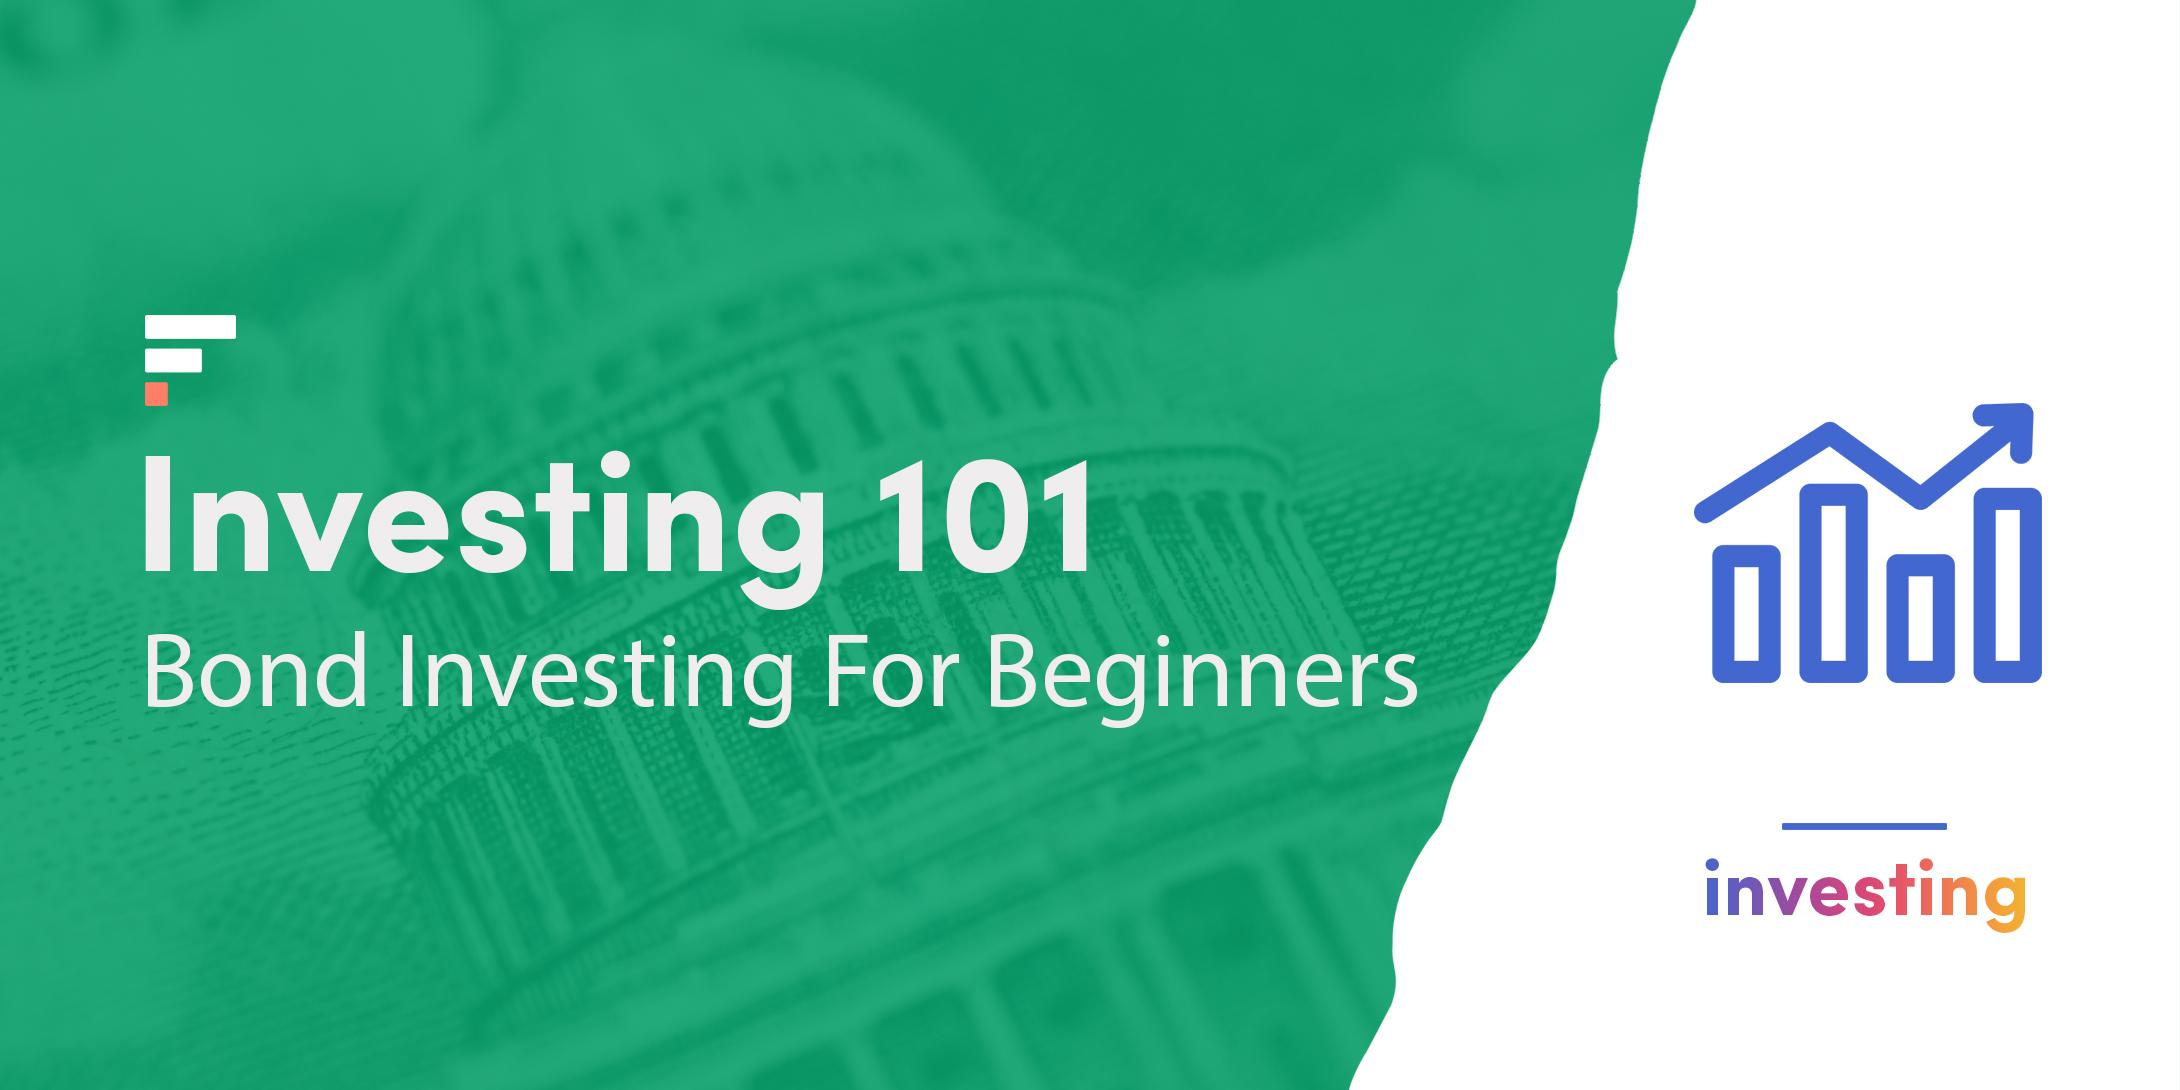 Bond investing for beginners